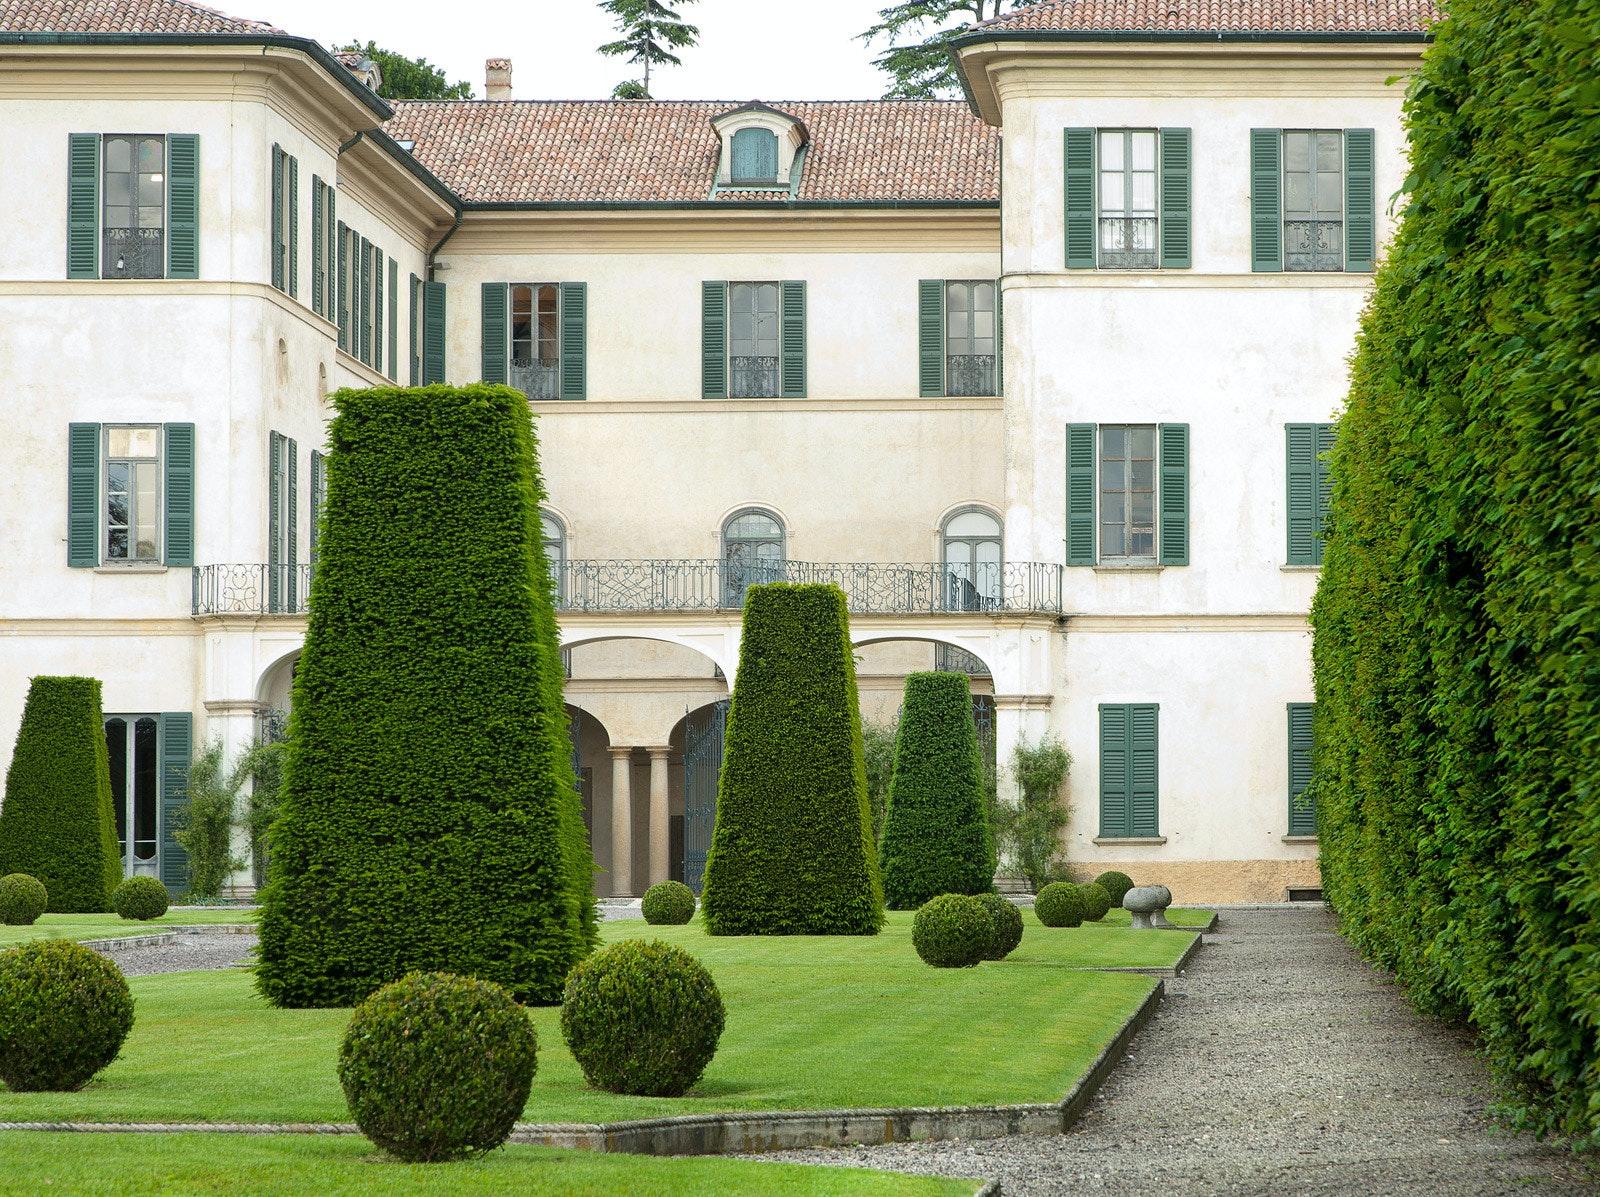 VILLA E COLLEZIONE PANZA | ph. arenaimmagini.it | © FAI - Fondo Ambiente Italiano